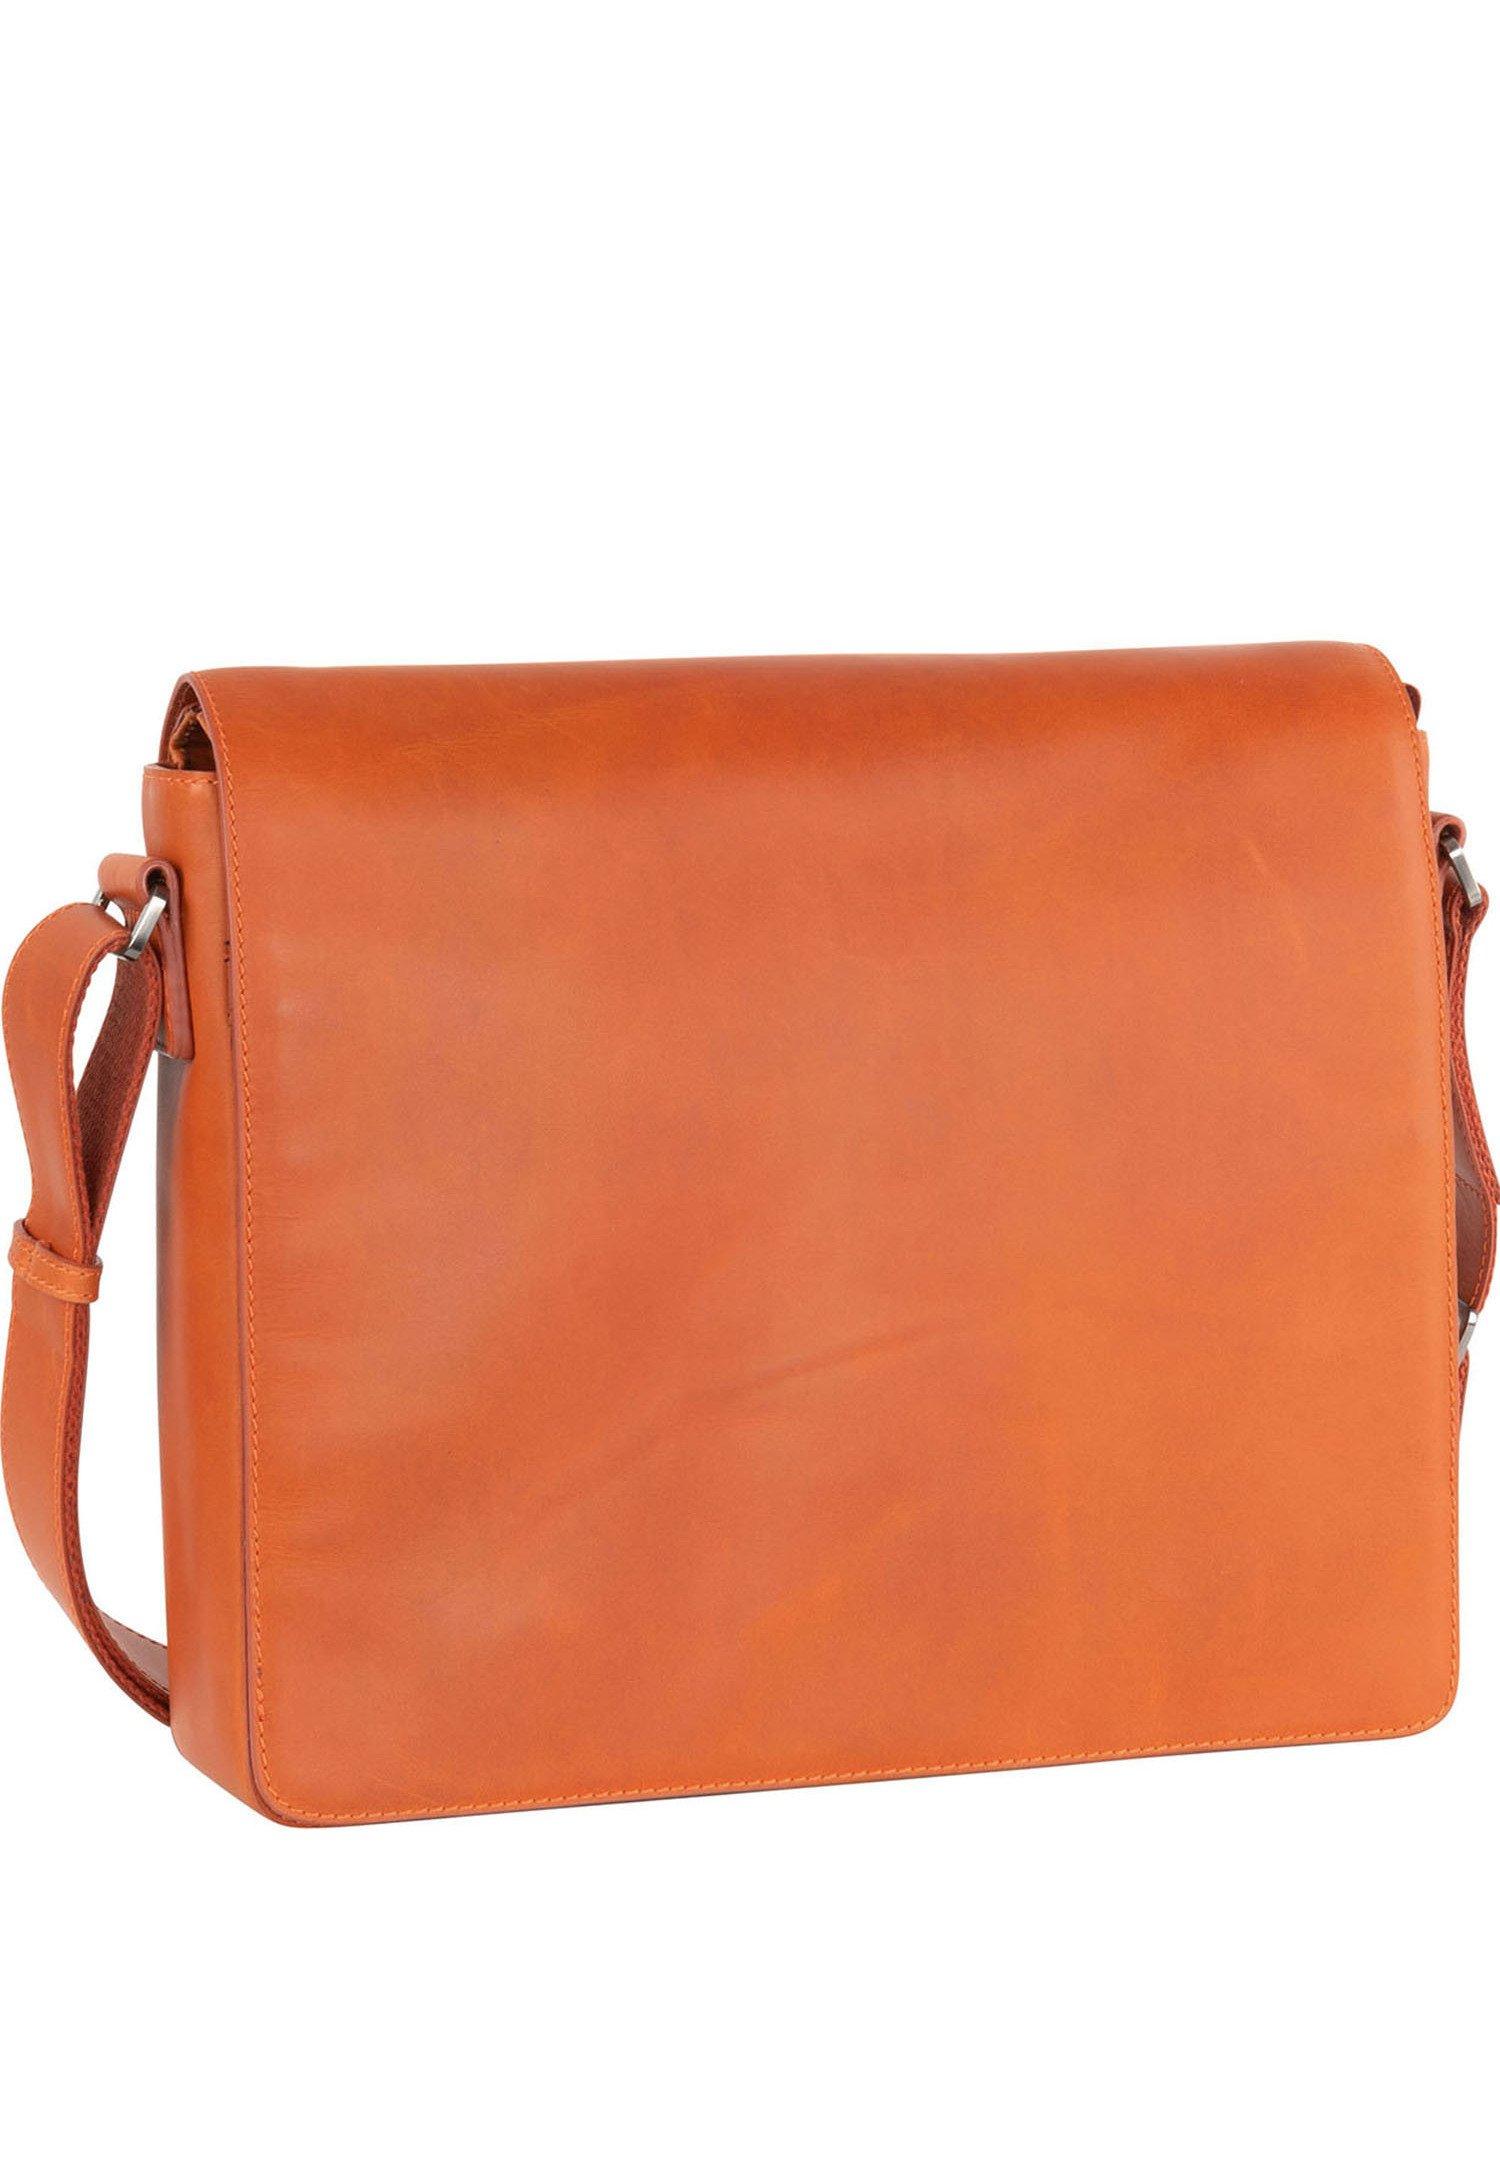 Damen RFID  - Notebooktasche